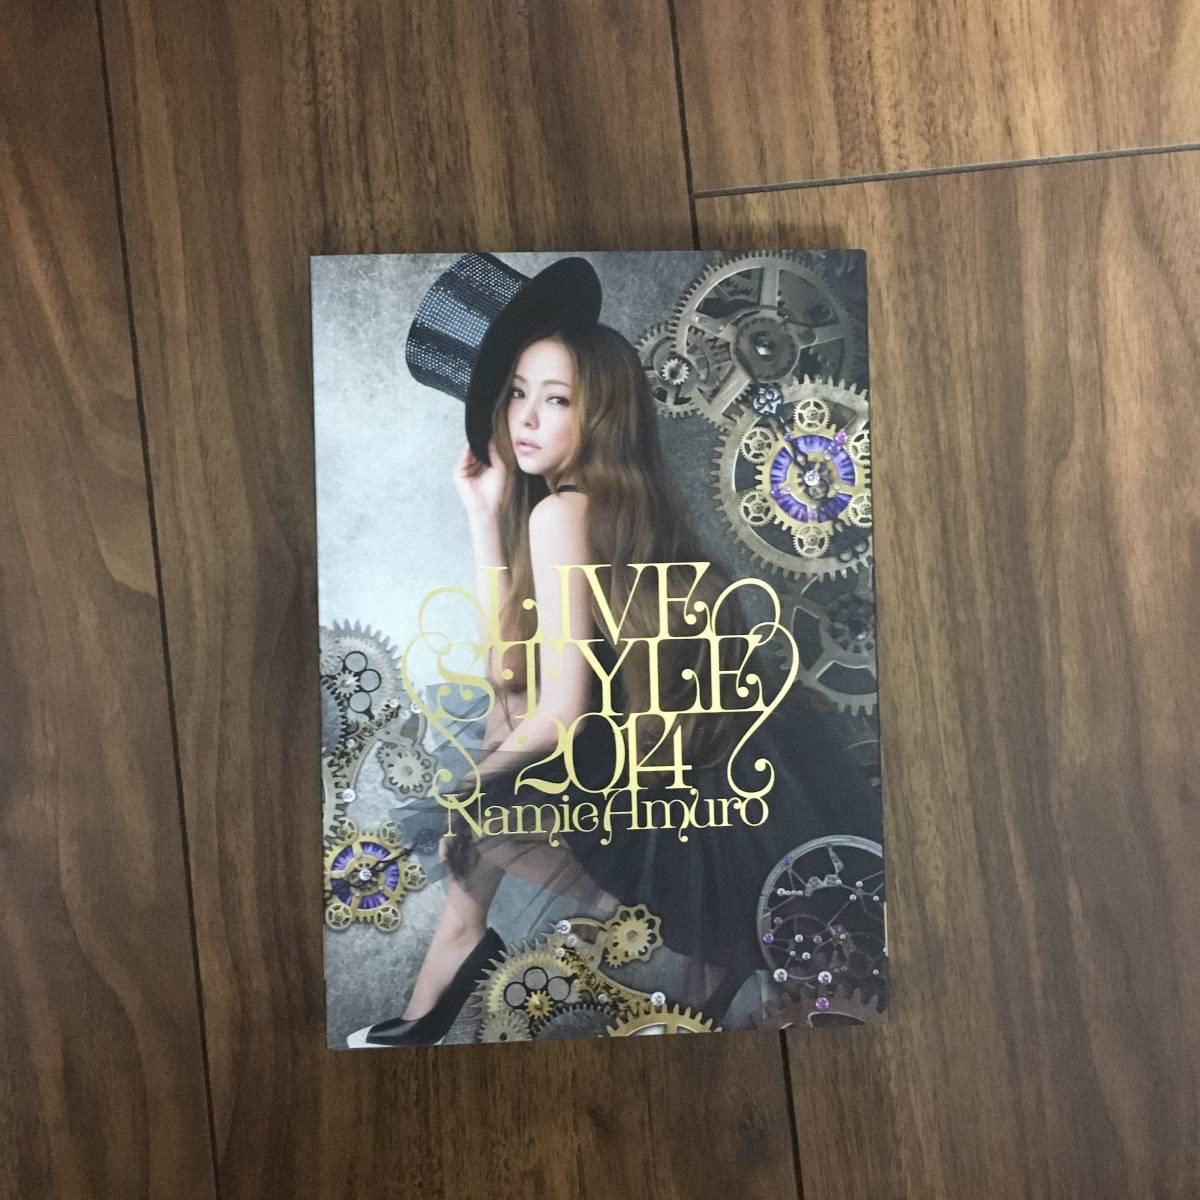 安室奈美恵 2014 live DVD